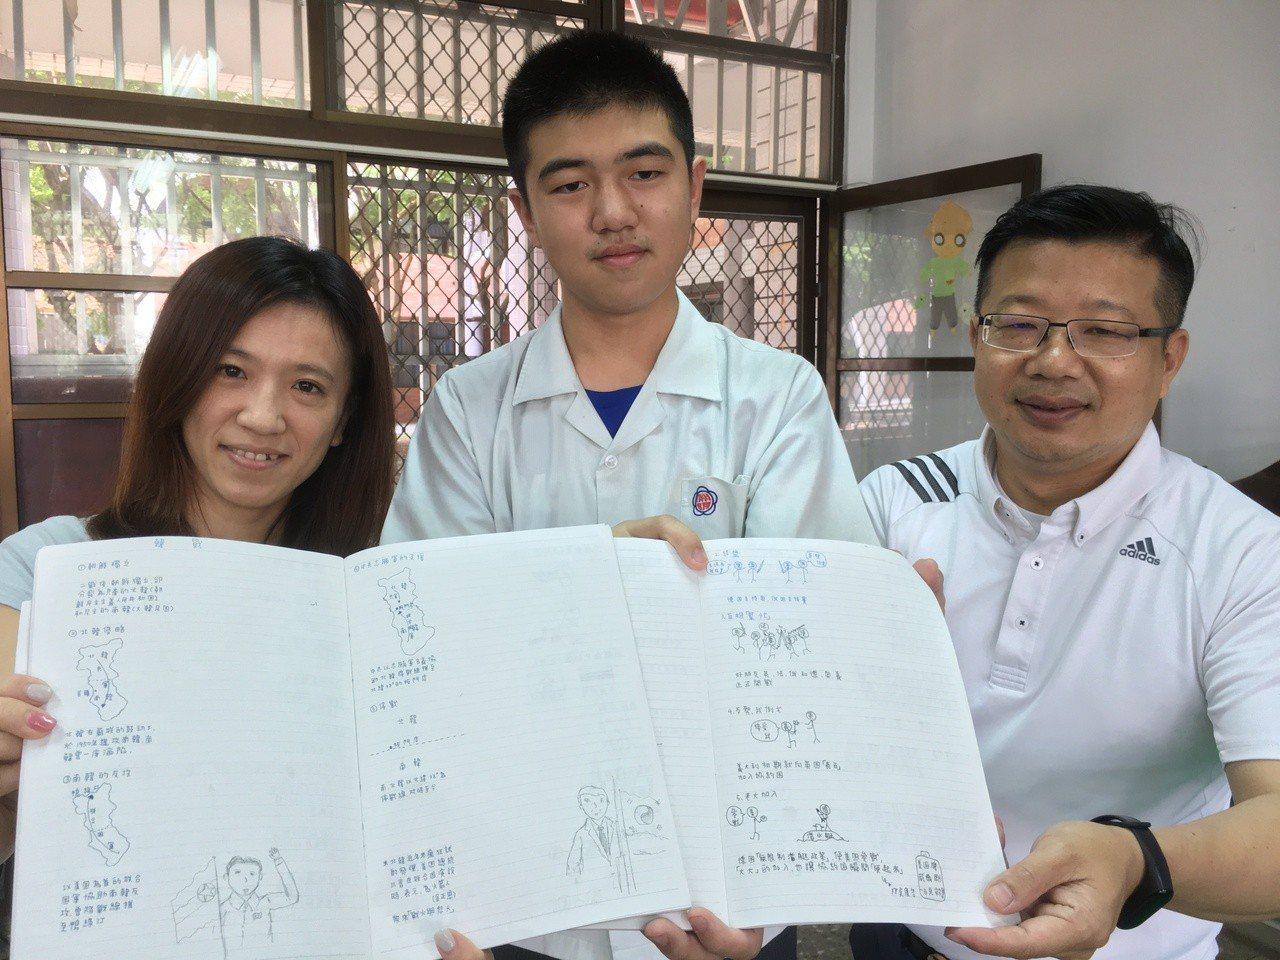 雲林縣淵明國中三年級學生鍾博宇(中)經常以繪圖方式做筆記,幾張圖就能清楚解釋冗長...